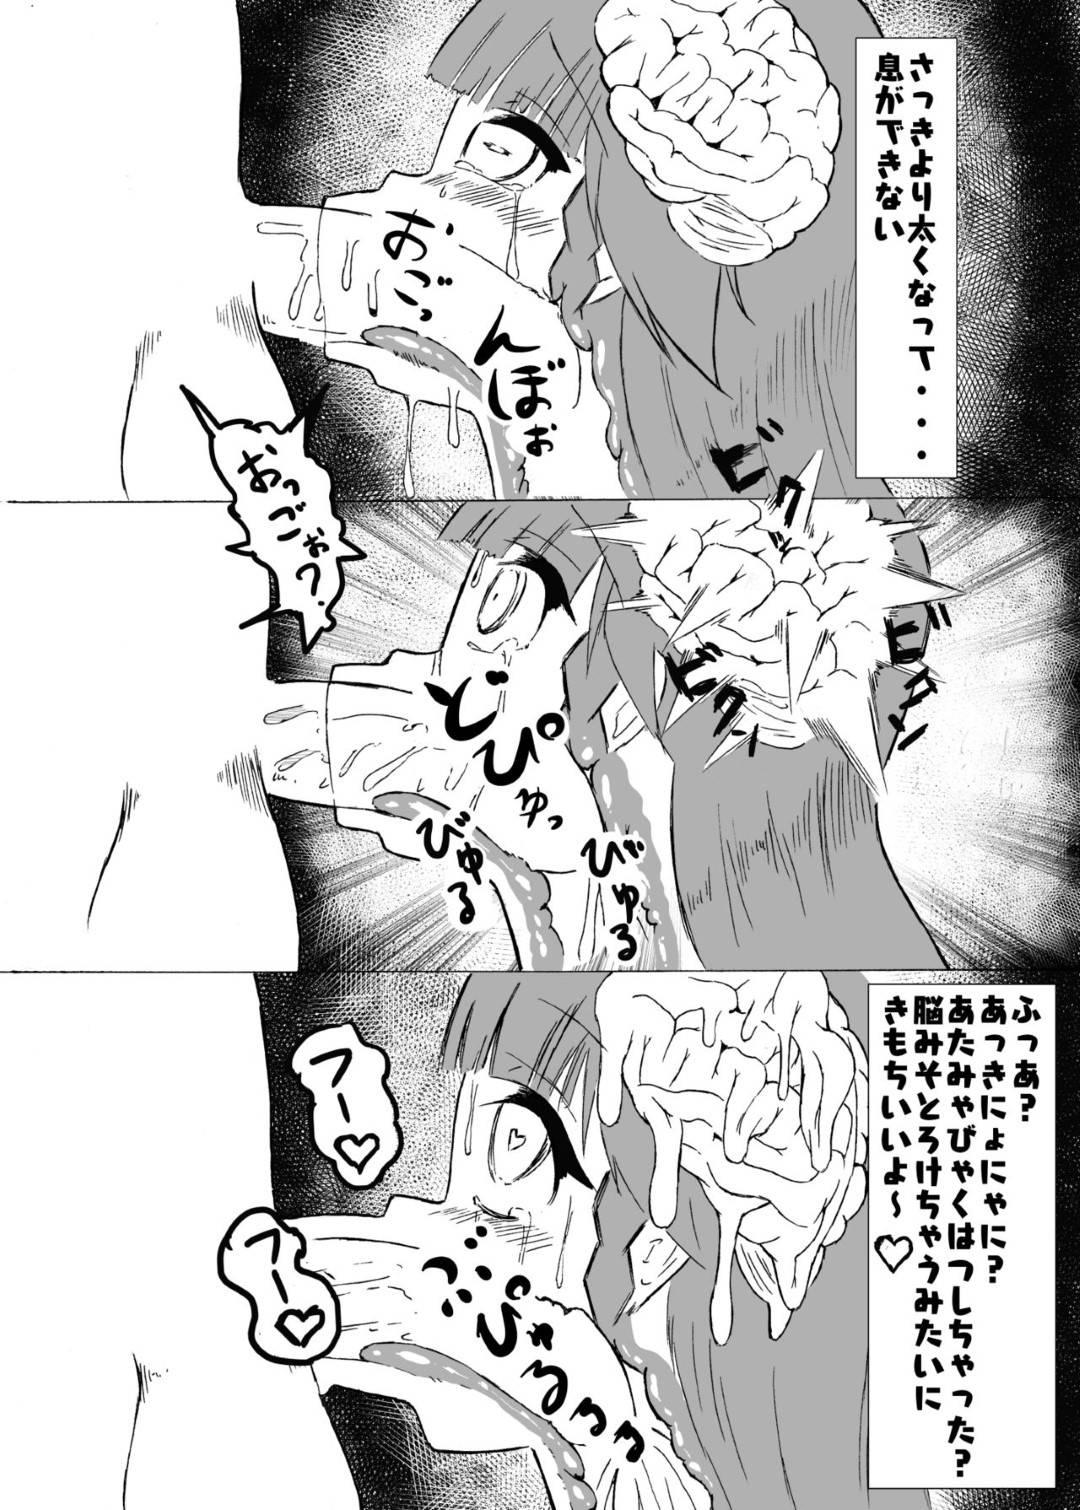 【催眠輪姦エロ漫画】生徒会の仕事で仕方なく催眠術部を訪問する貧乳JKは、中へ案内されるなり催眠をかけられ後部活動に参加すると輪姦中出しセックスされる【MIZUSAWA】